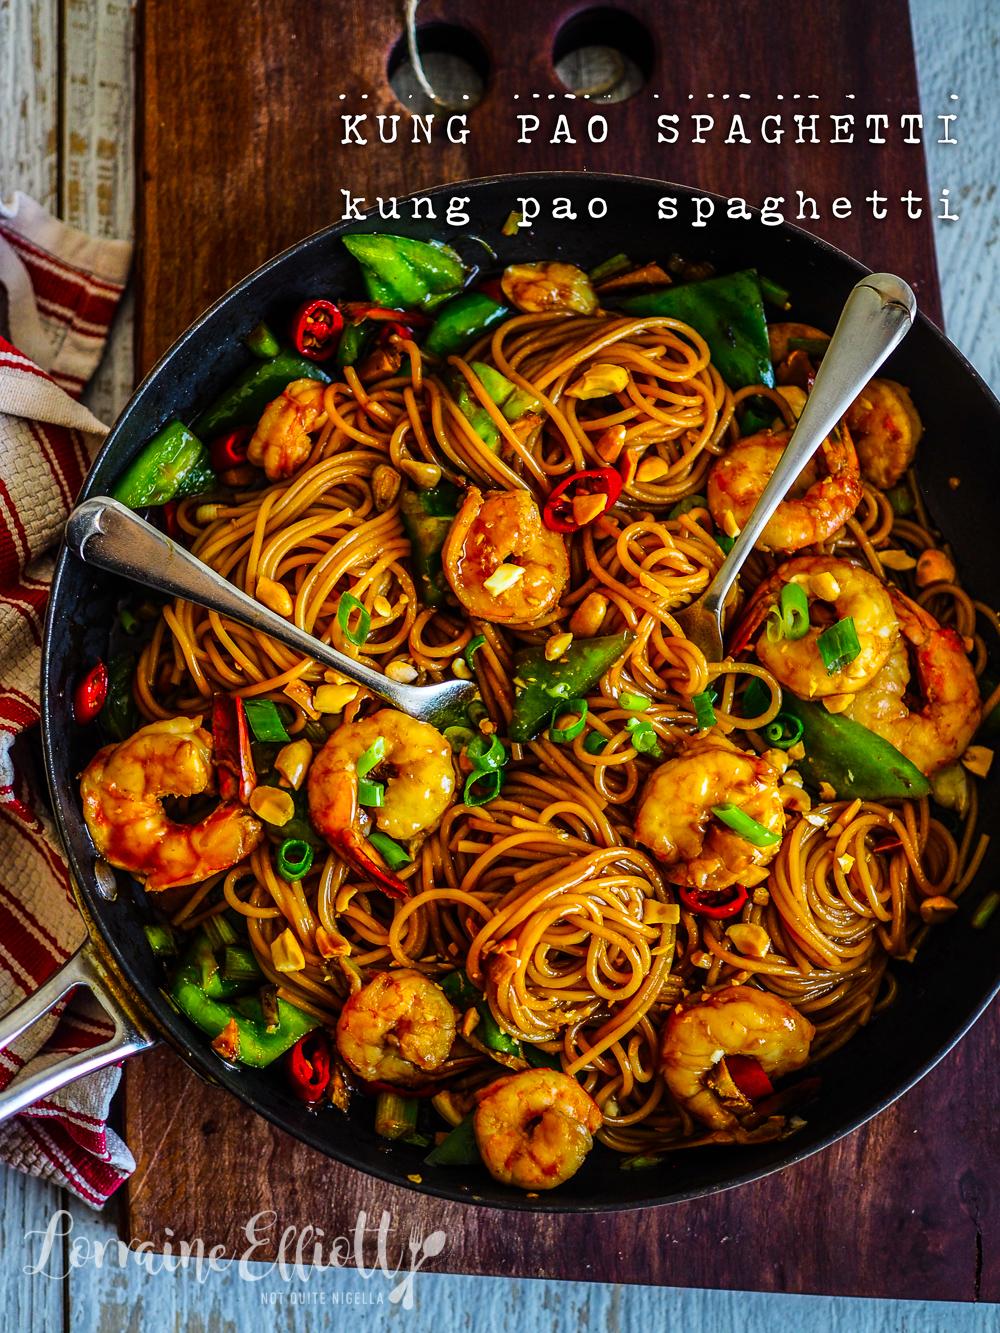 Kung Pao Prawn Spaghetti